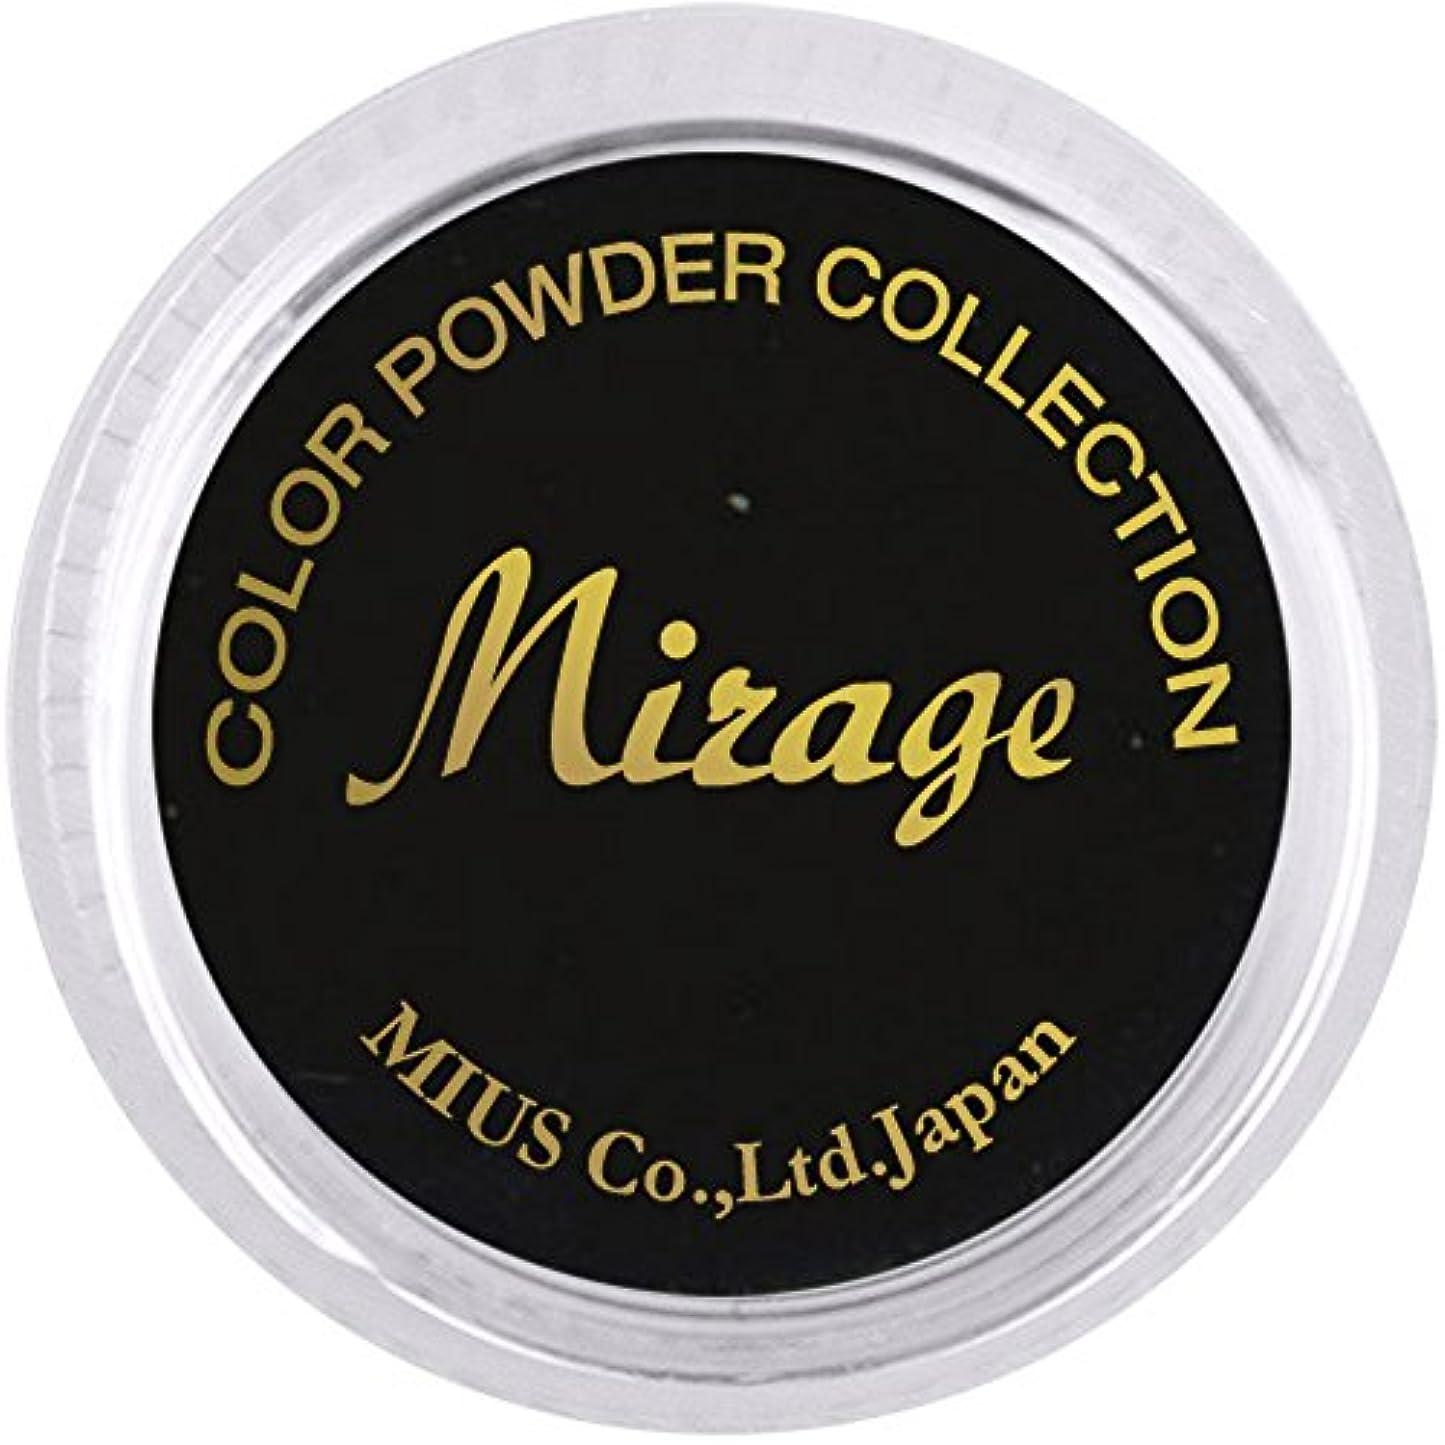 再編成する深い逸脱ミラージュ カラーパウダー N/CPS-10  7g  アクリルパウダー 色鮮やかな蛍光スタンダードカラー